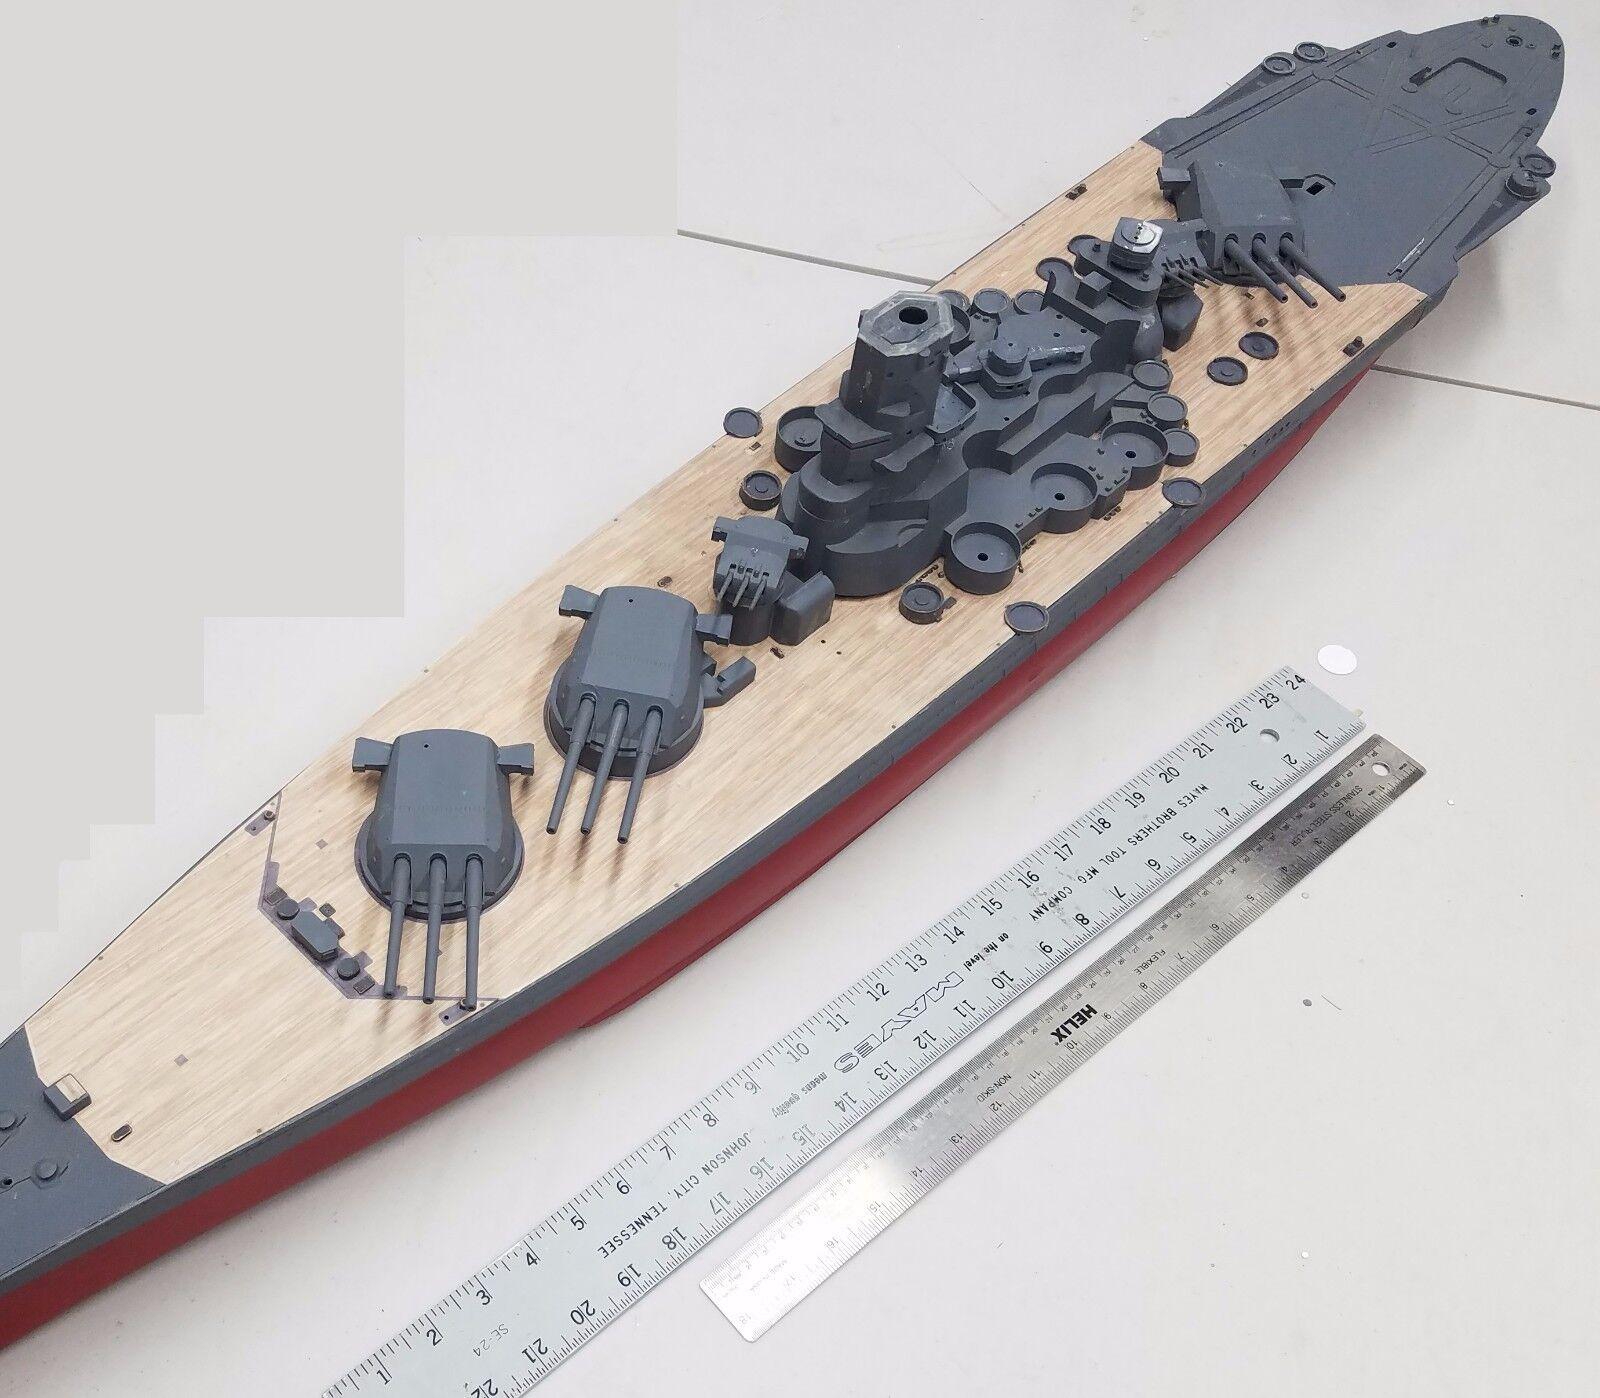 [Uchronie] IJN Yamato 1955 (Nichimo, Fujimi et scratch 1/200°) par habikitokay - Page 3 S-l1600